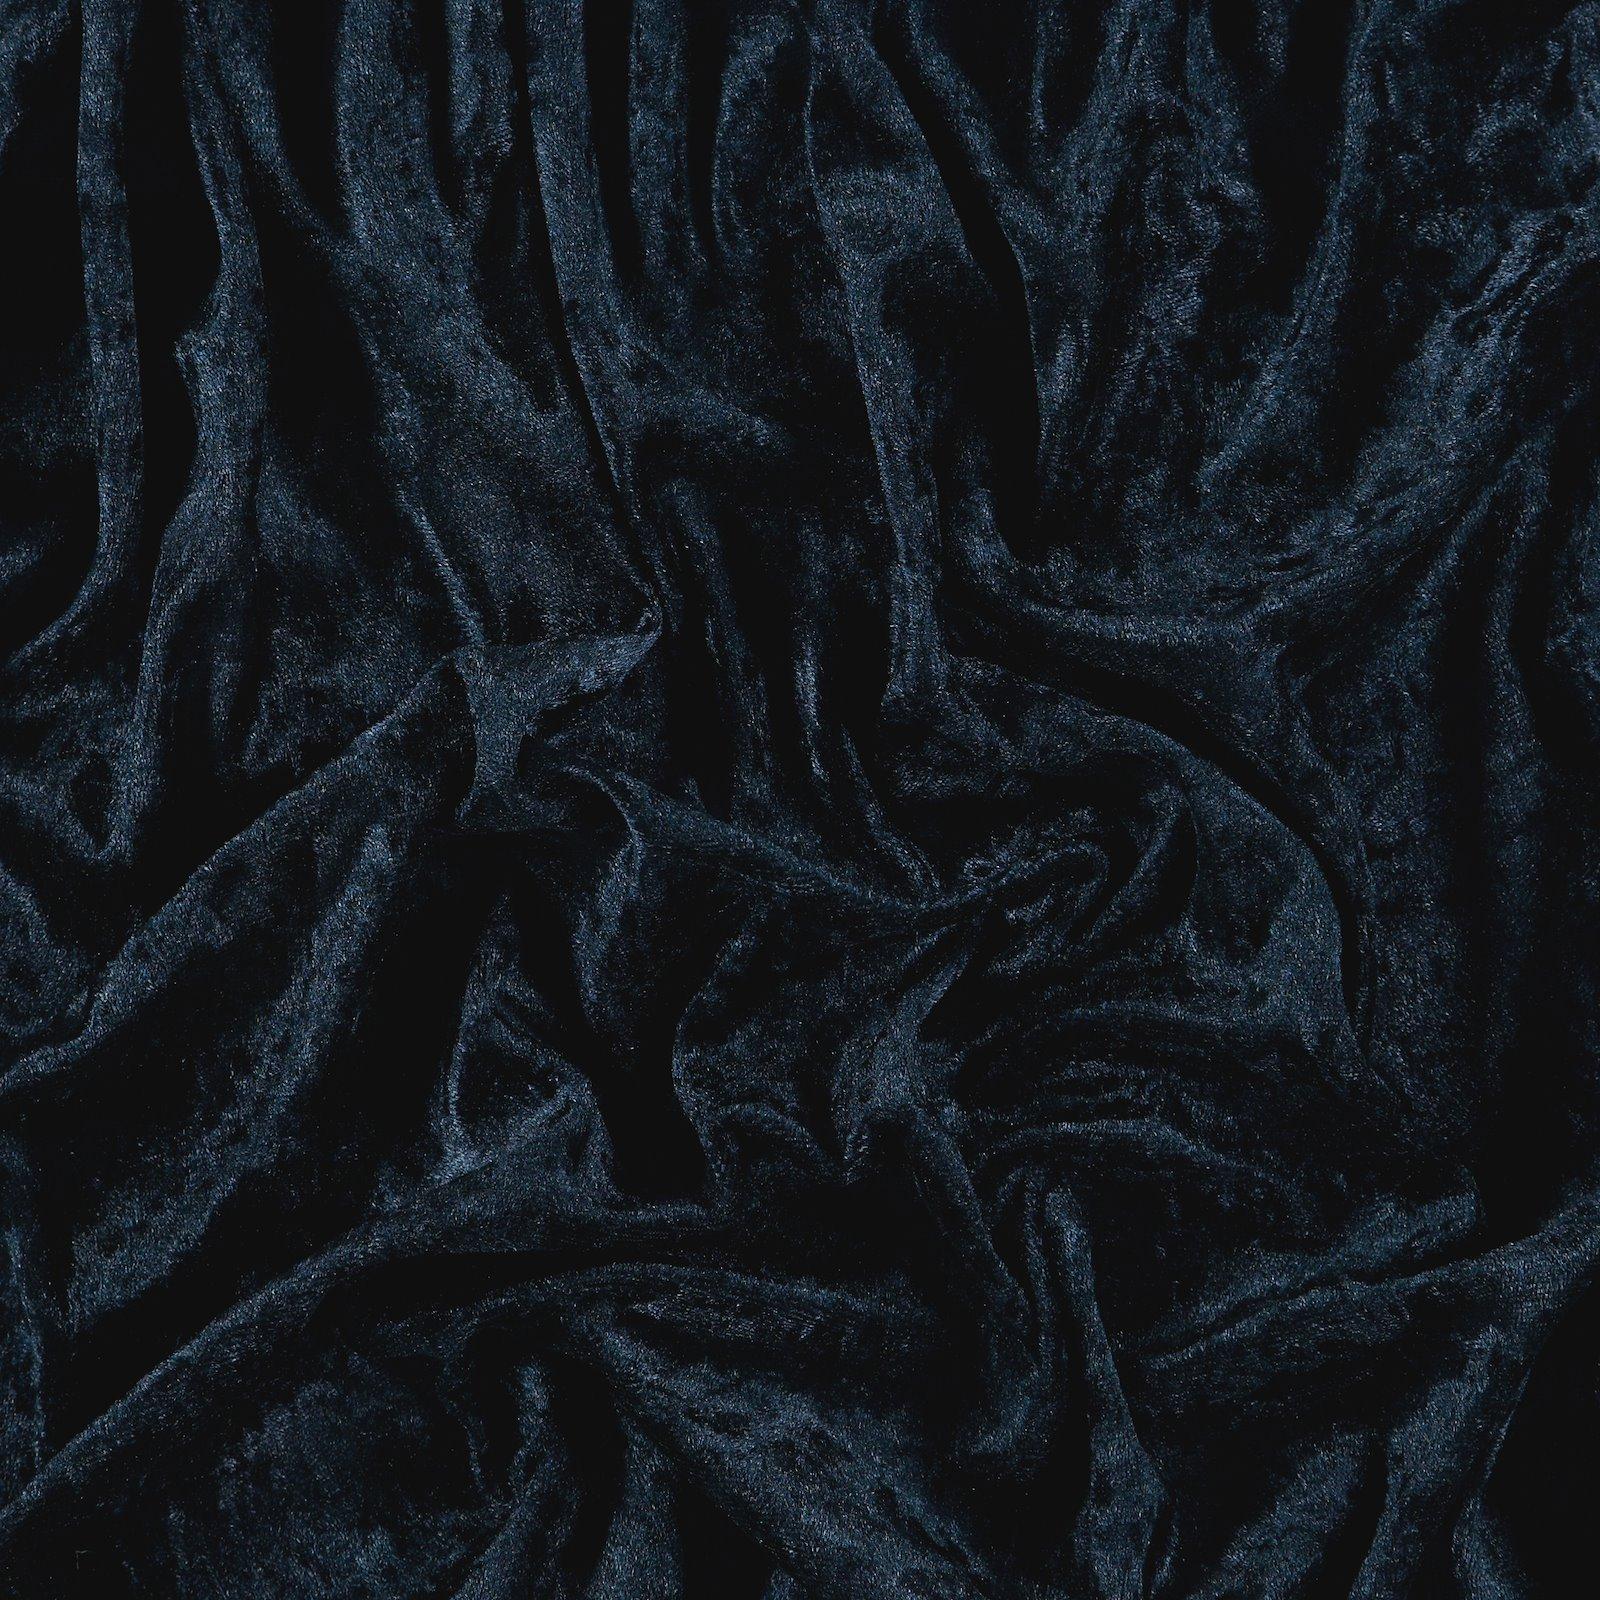 Pannesamt, Mitternachtsblau